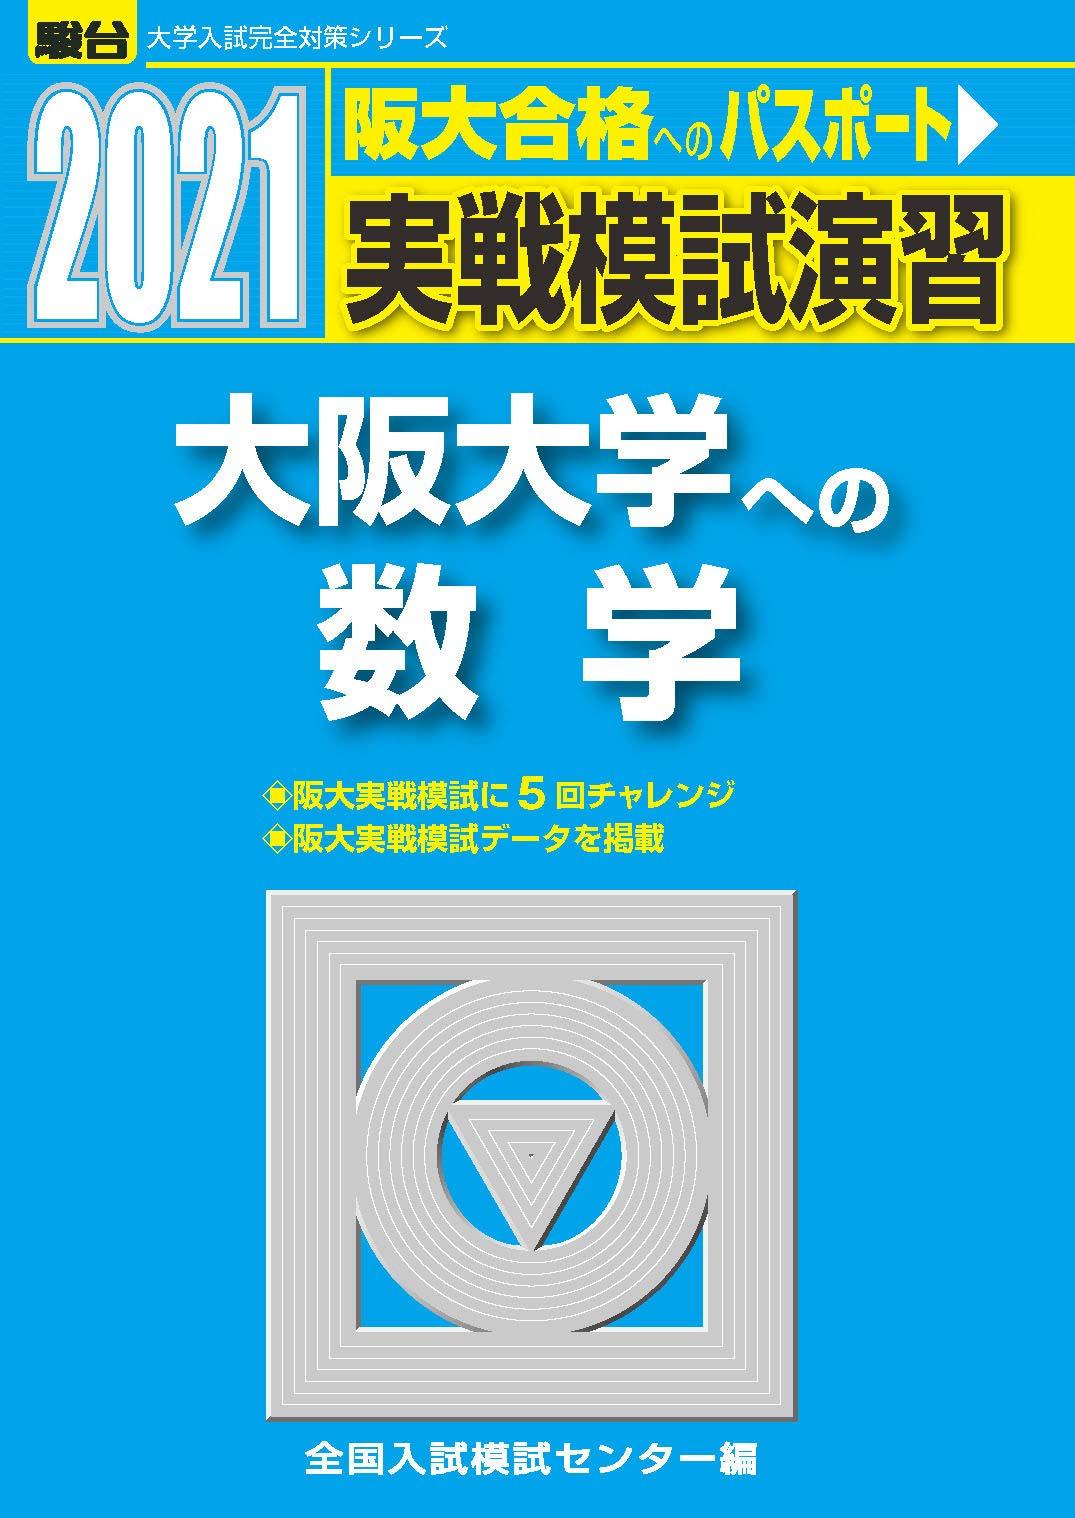 日程 2021 大阪 大学 入試